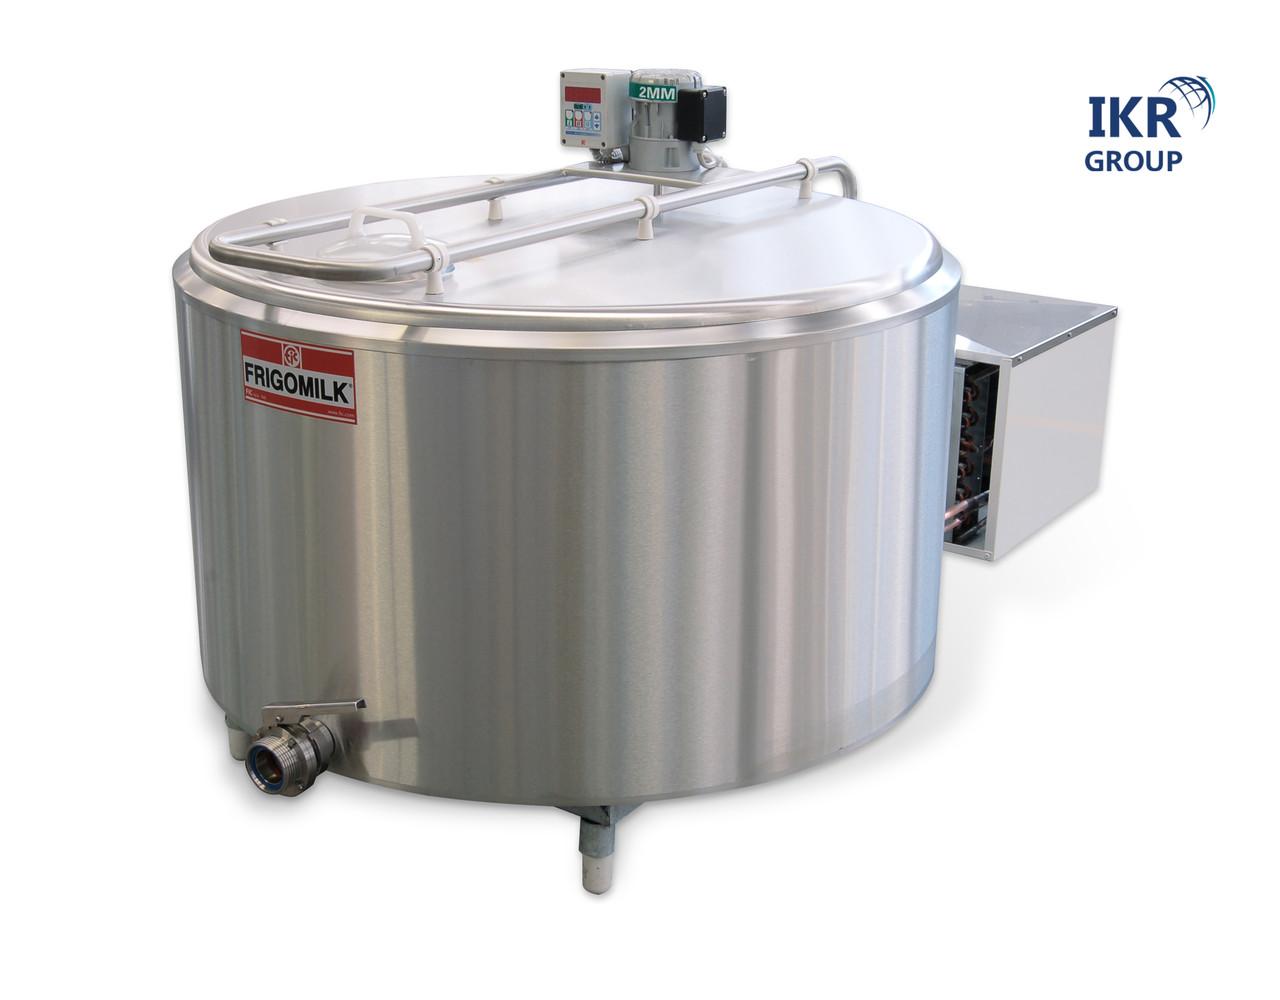 Охладитель молока новый Frigomilk G4 объемом 2000 литров